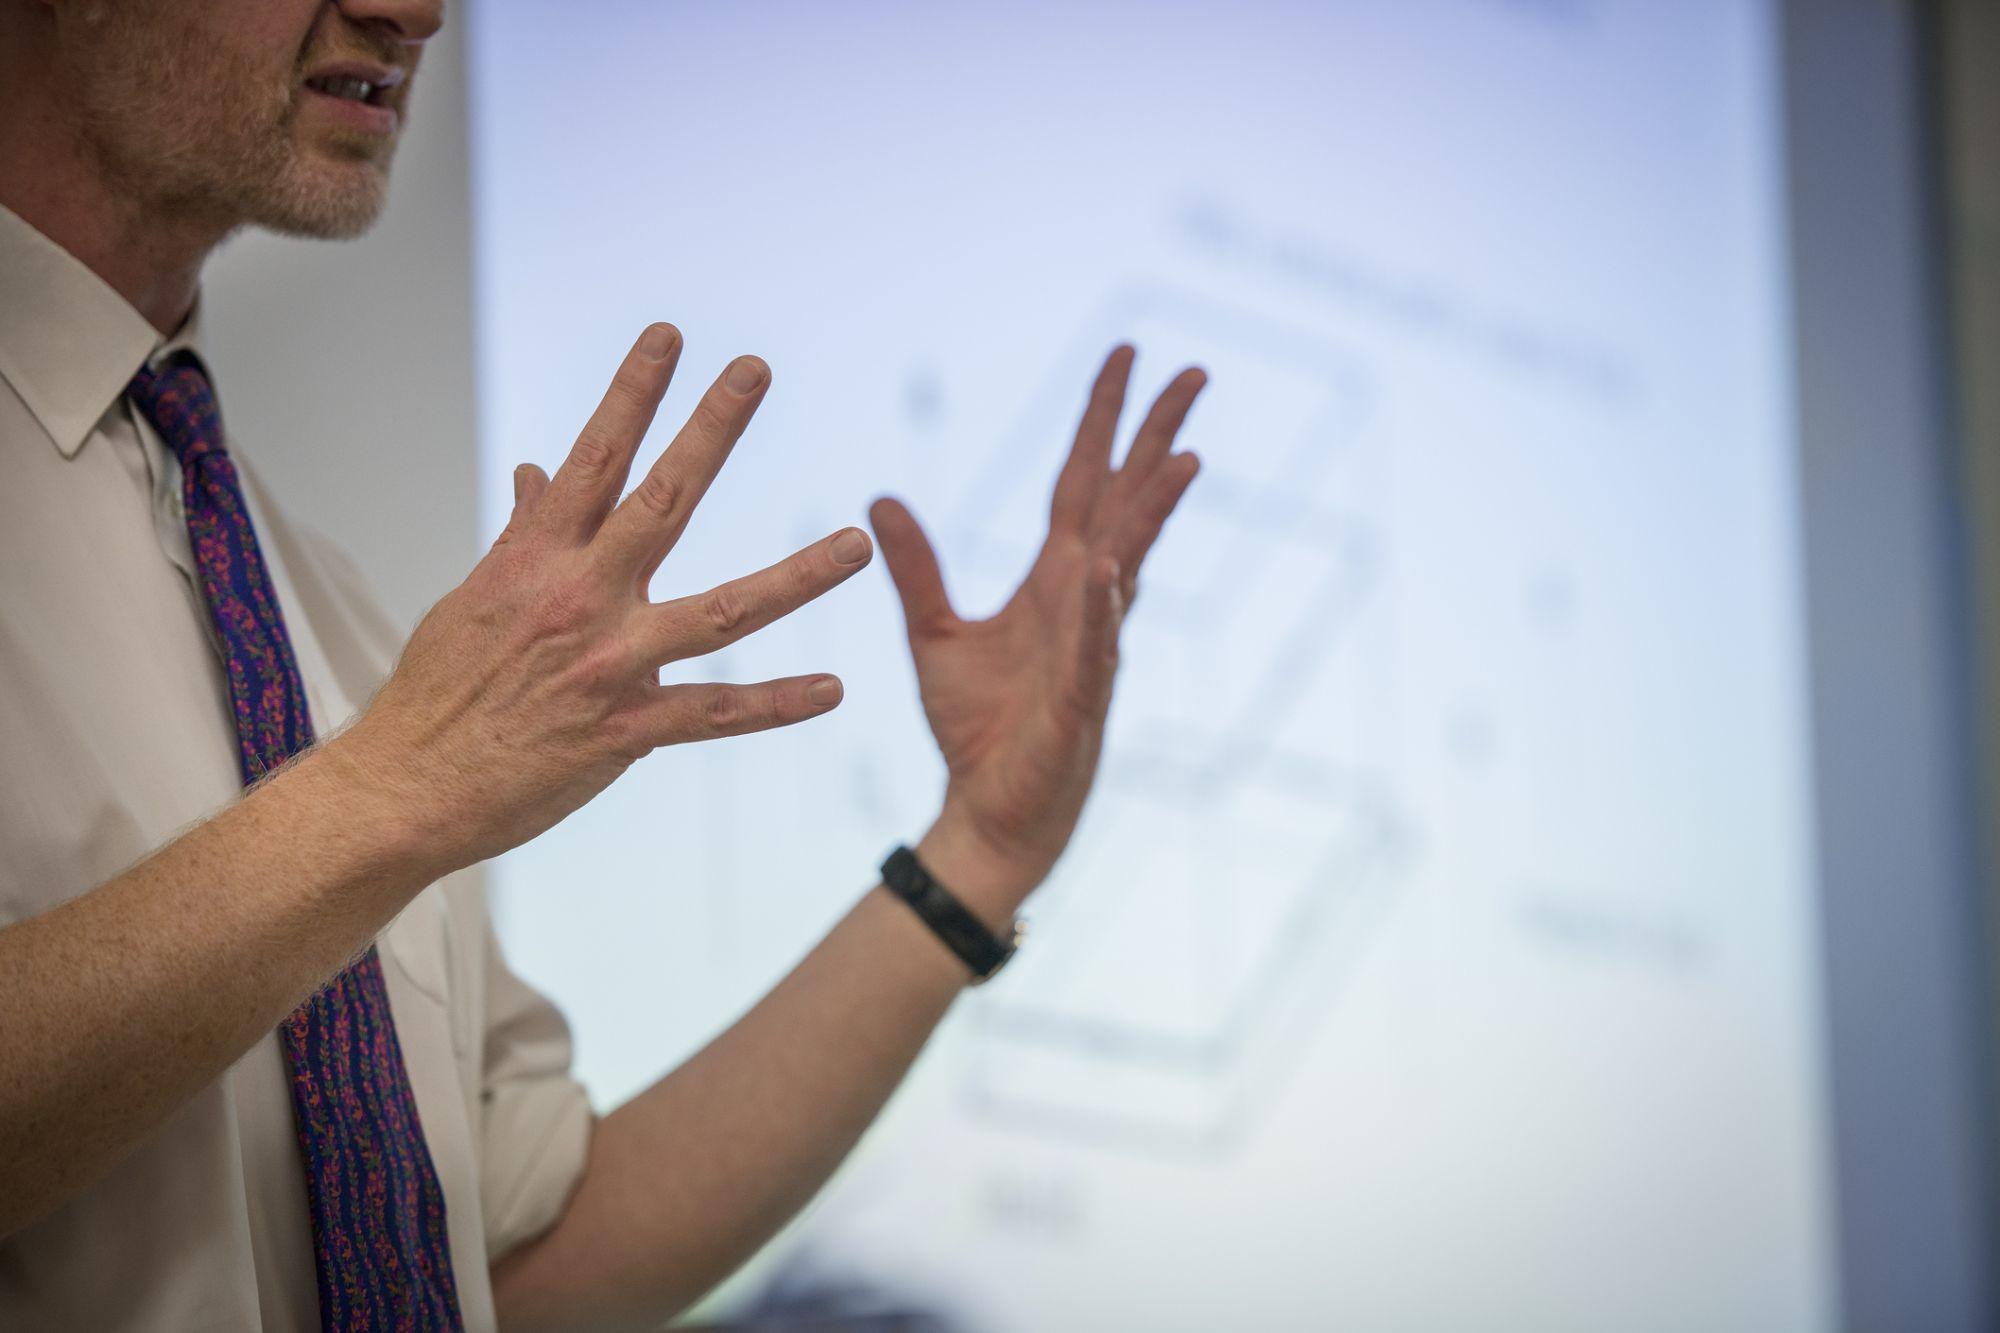 7 hand gestures to